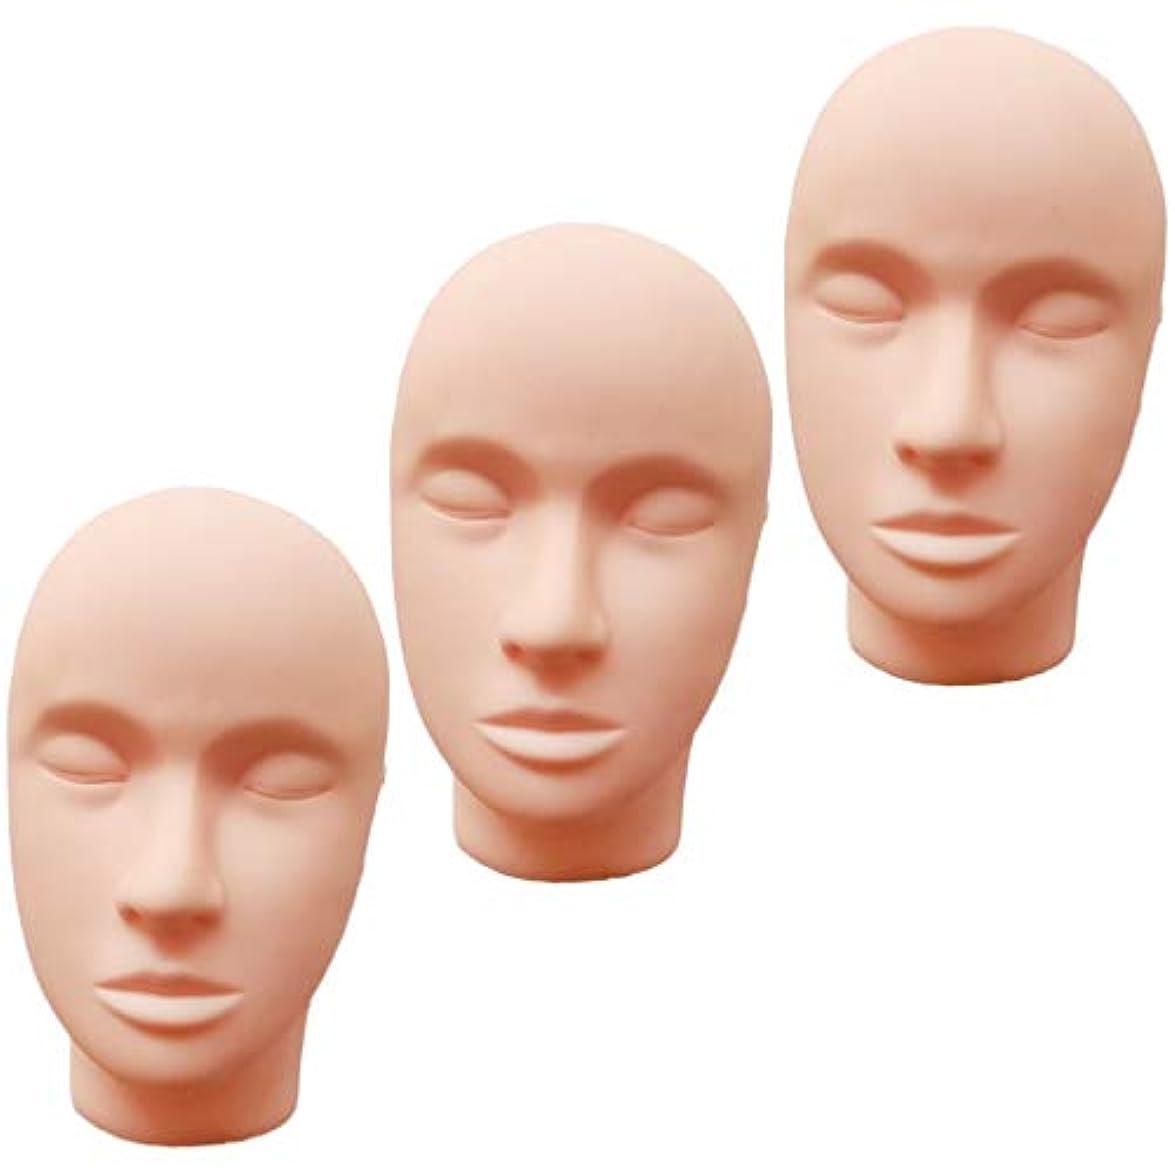 アウター管理者罪人ヘッドマネキン メイク練習用 モデル 化粧 フェイス メイクアップ まつげエクステ 繰り返し利用